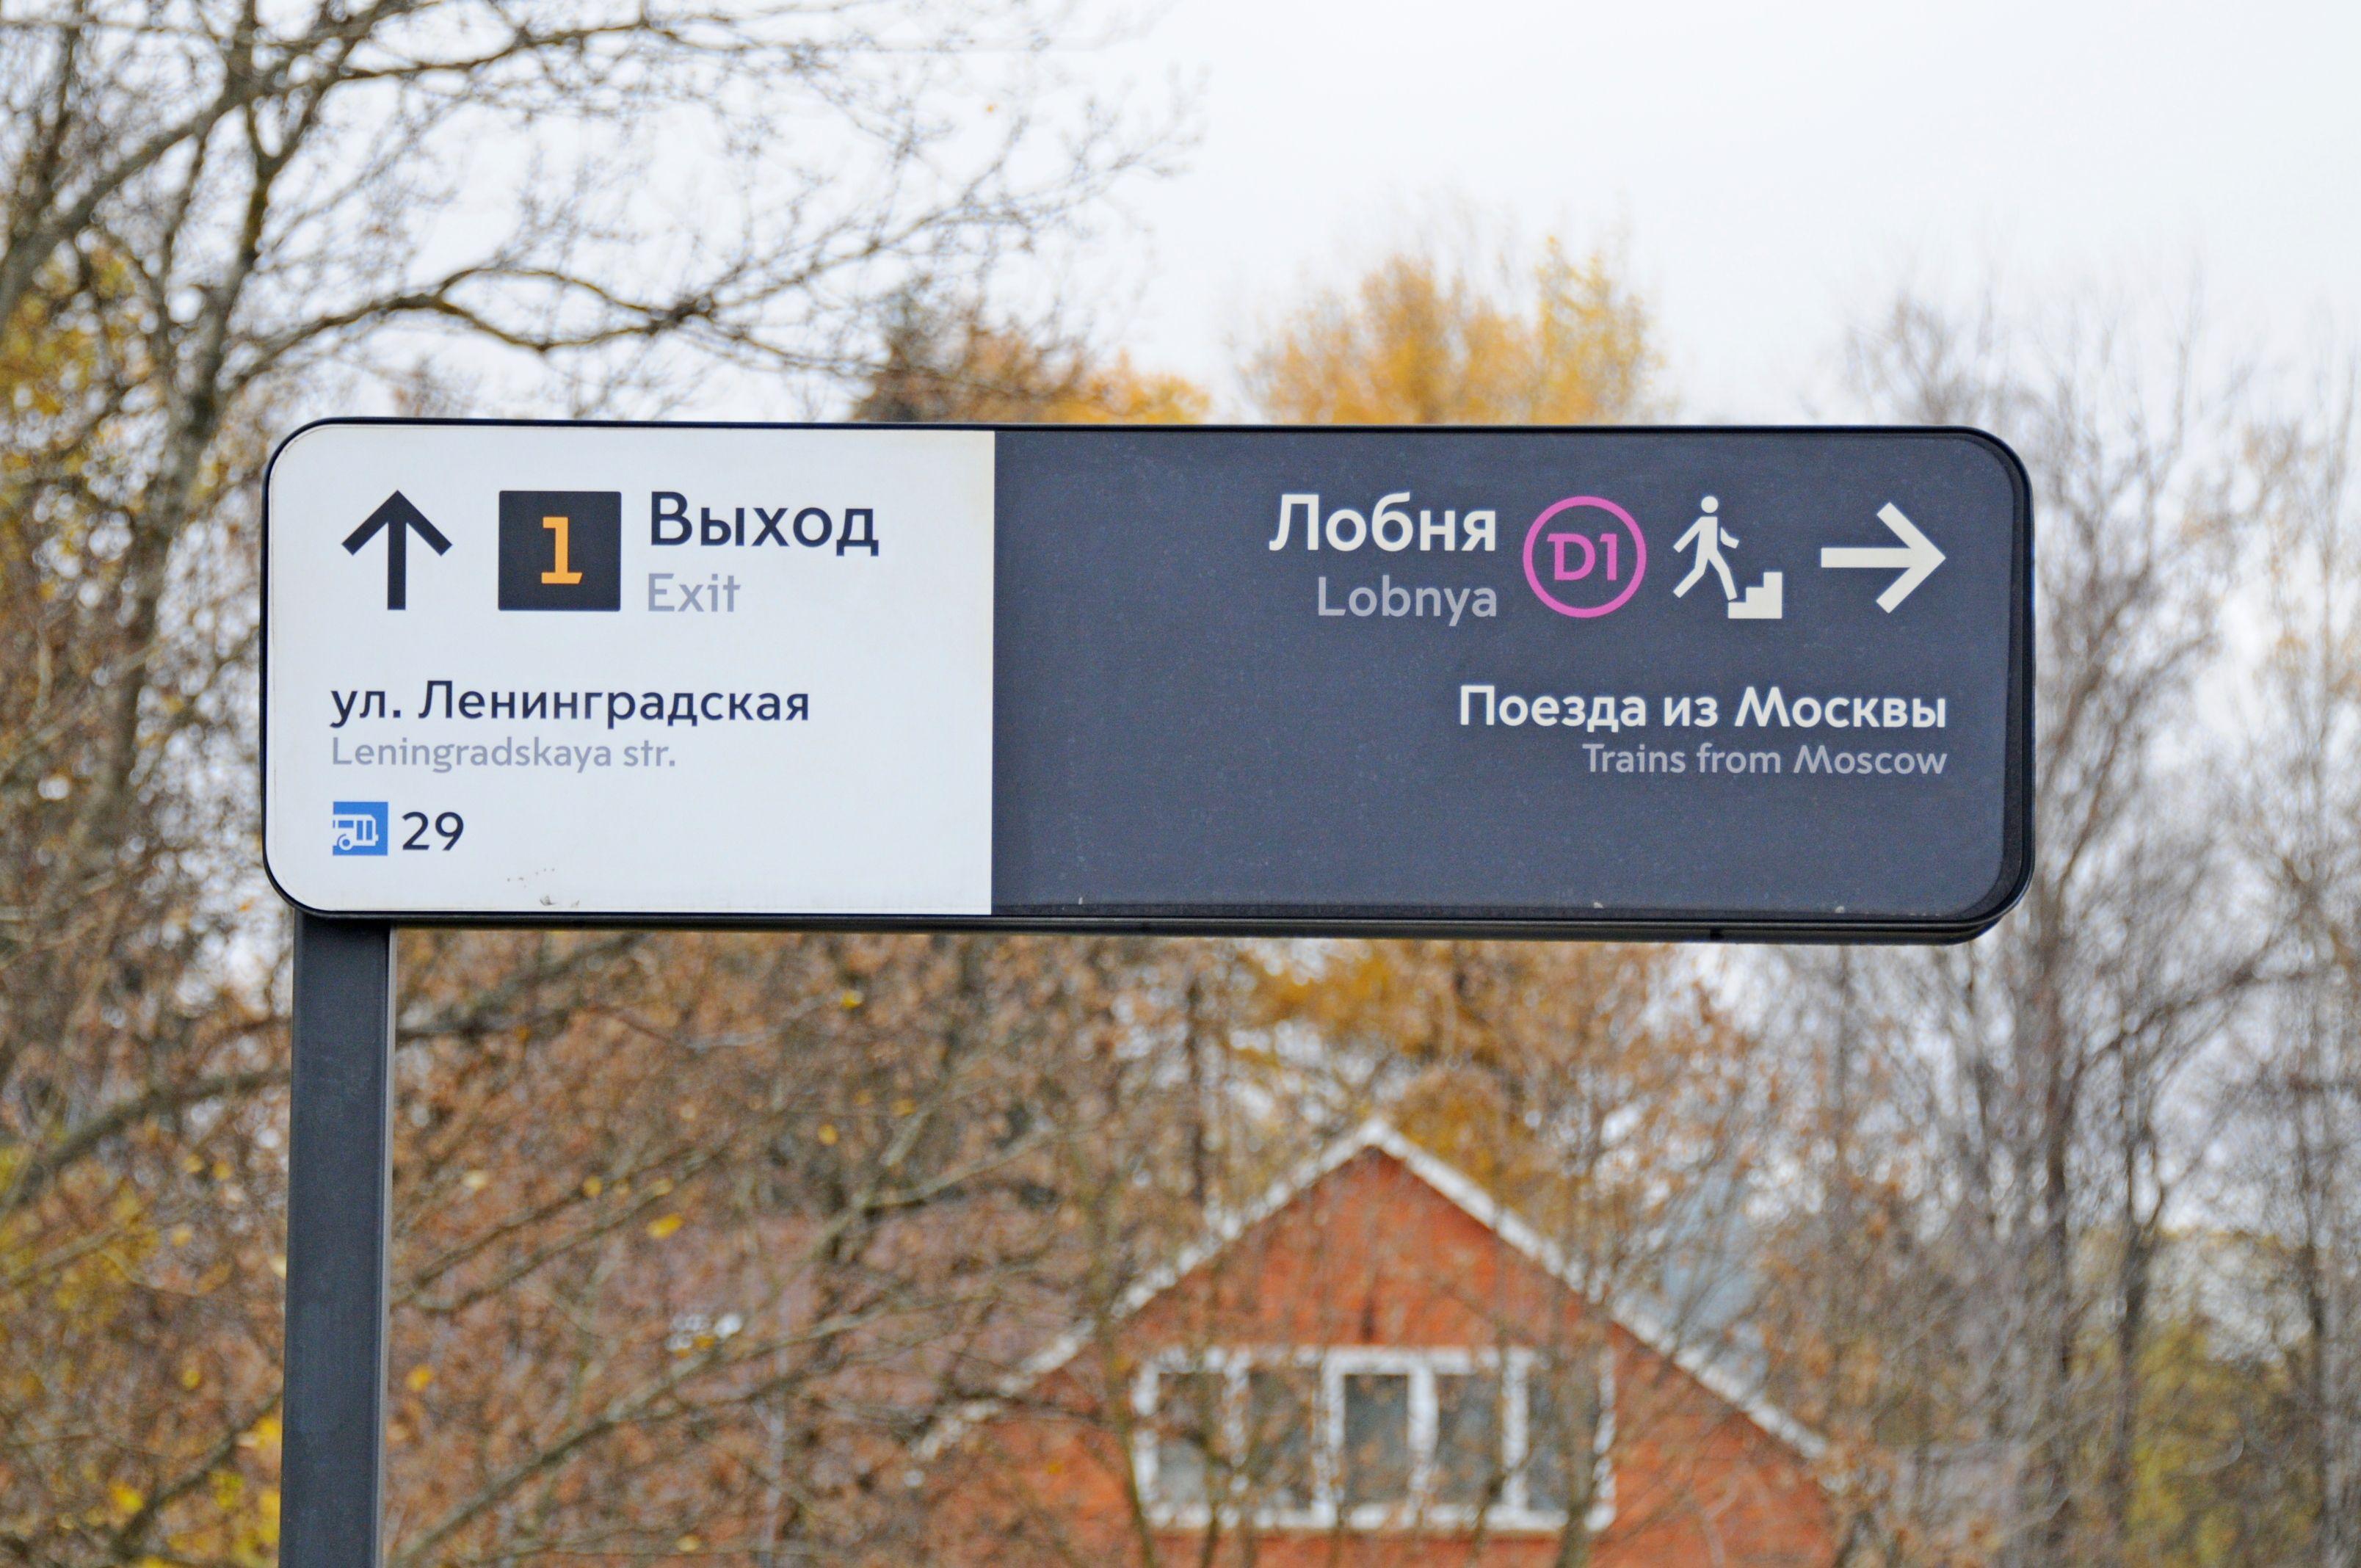 Дополнительная навигация к запуску МЦД появится на трех столичных вокзалах